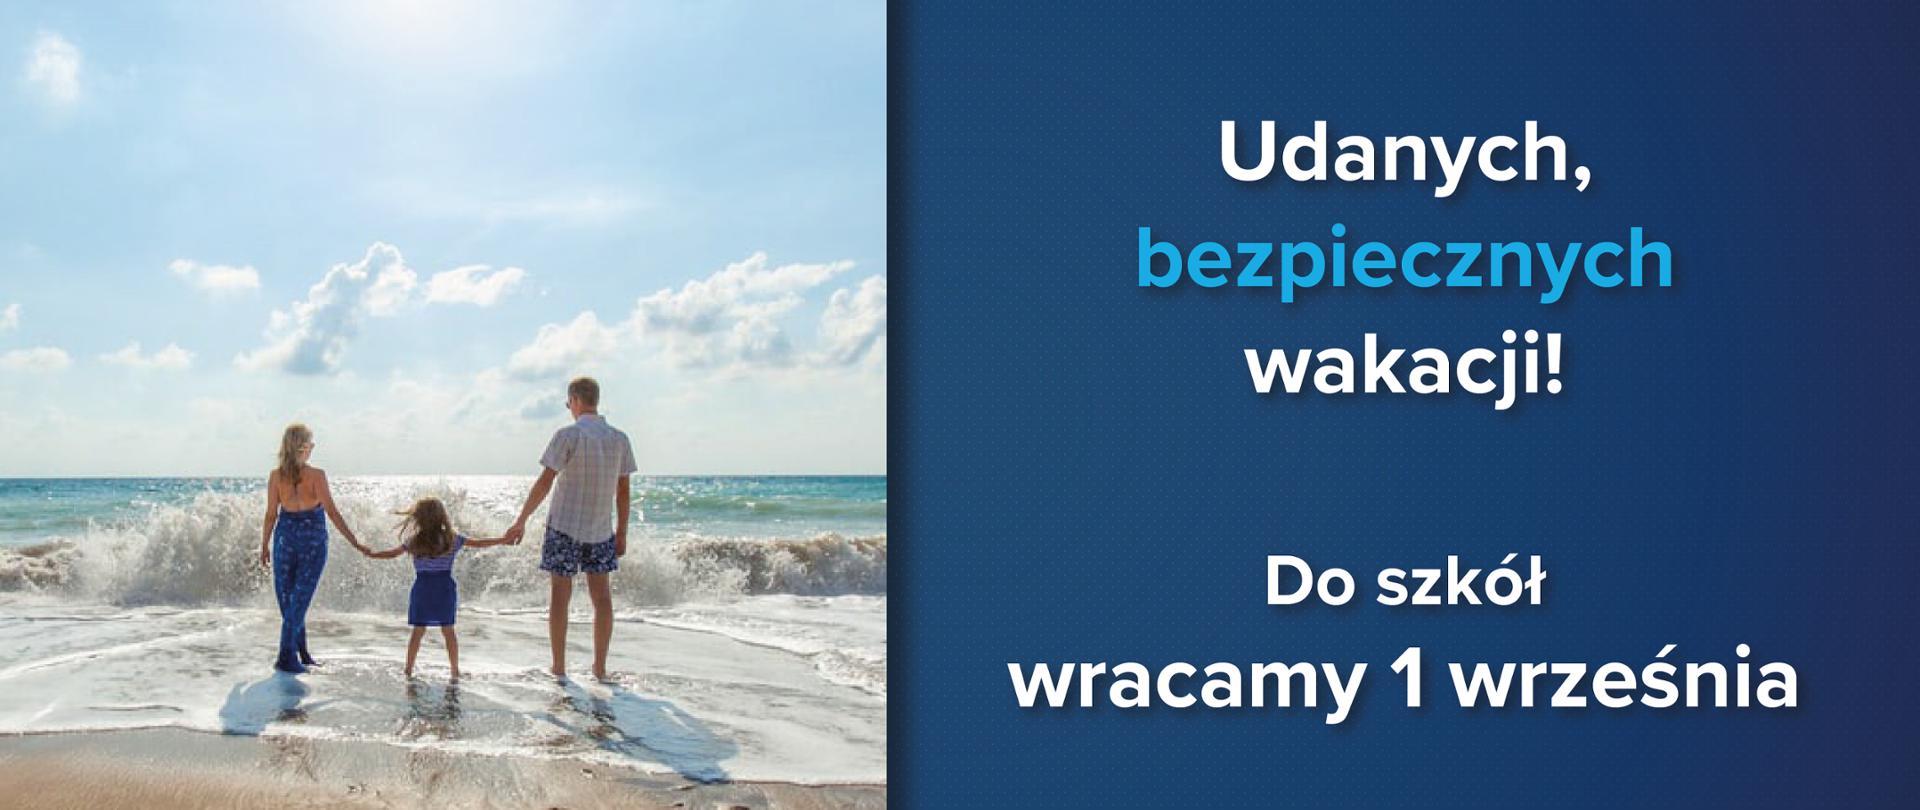 """Rodzina na plaży trzyma się za ręce i patrzy w morze. Po prawo tekst na niebieskim tle: """"Udanych, bezpiecznych wakacji! Do szkół wracamy 1 września"""""""